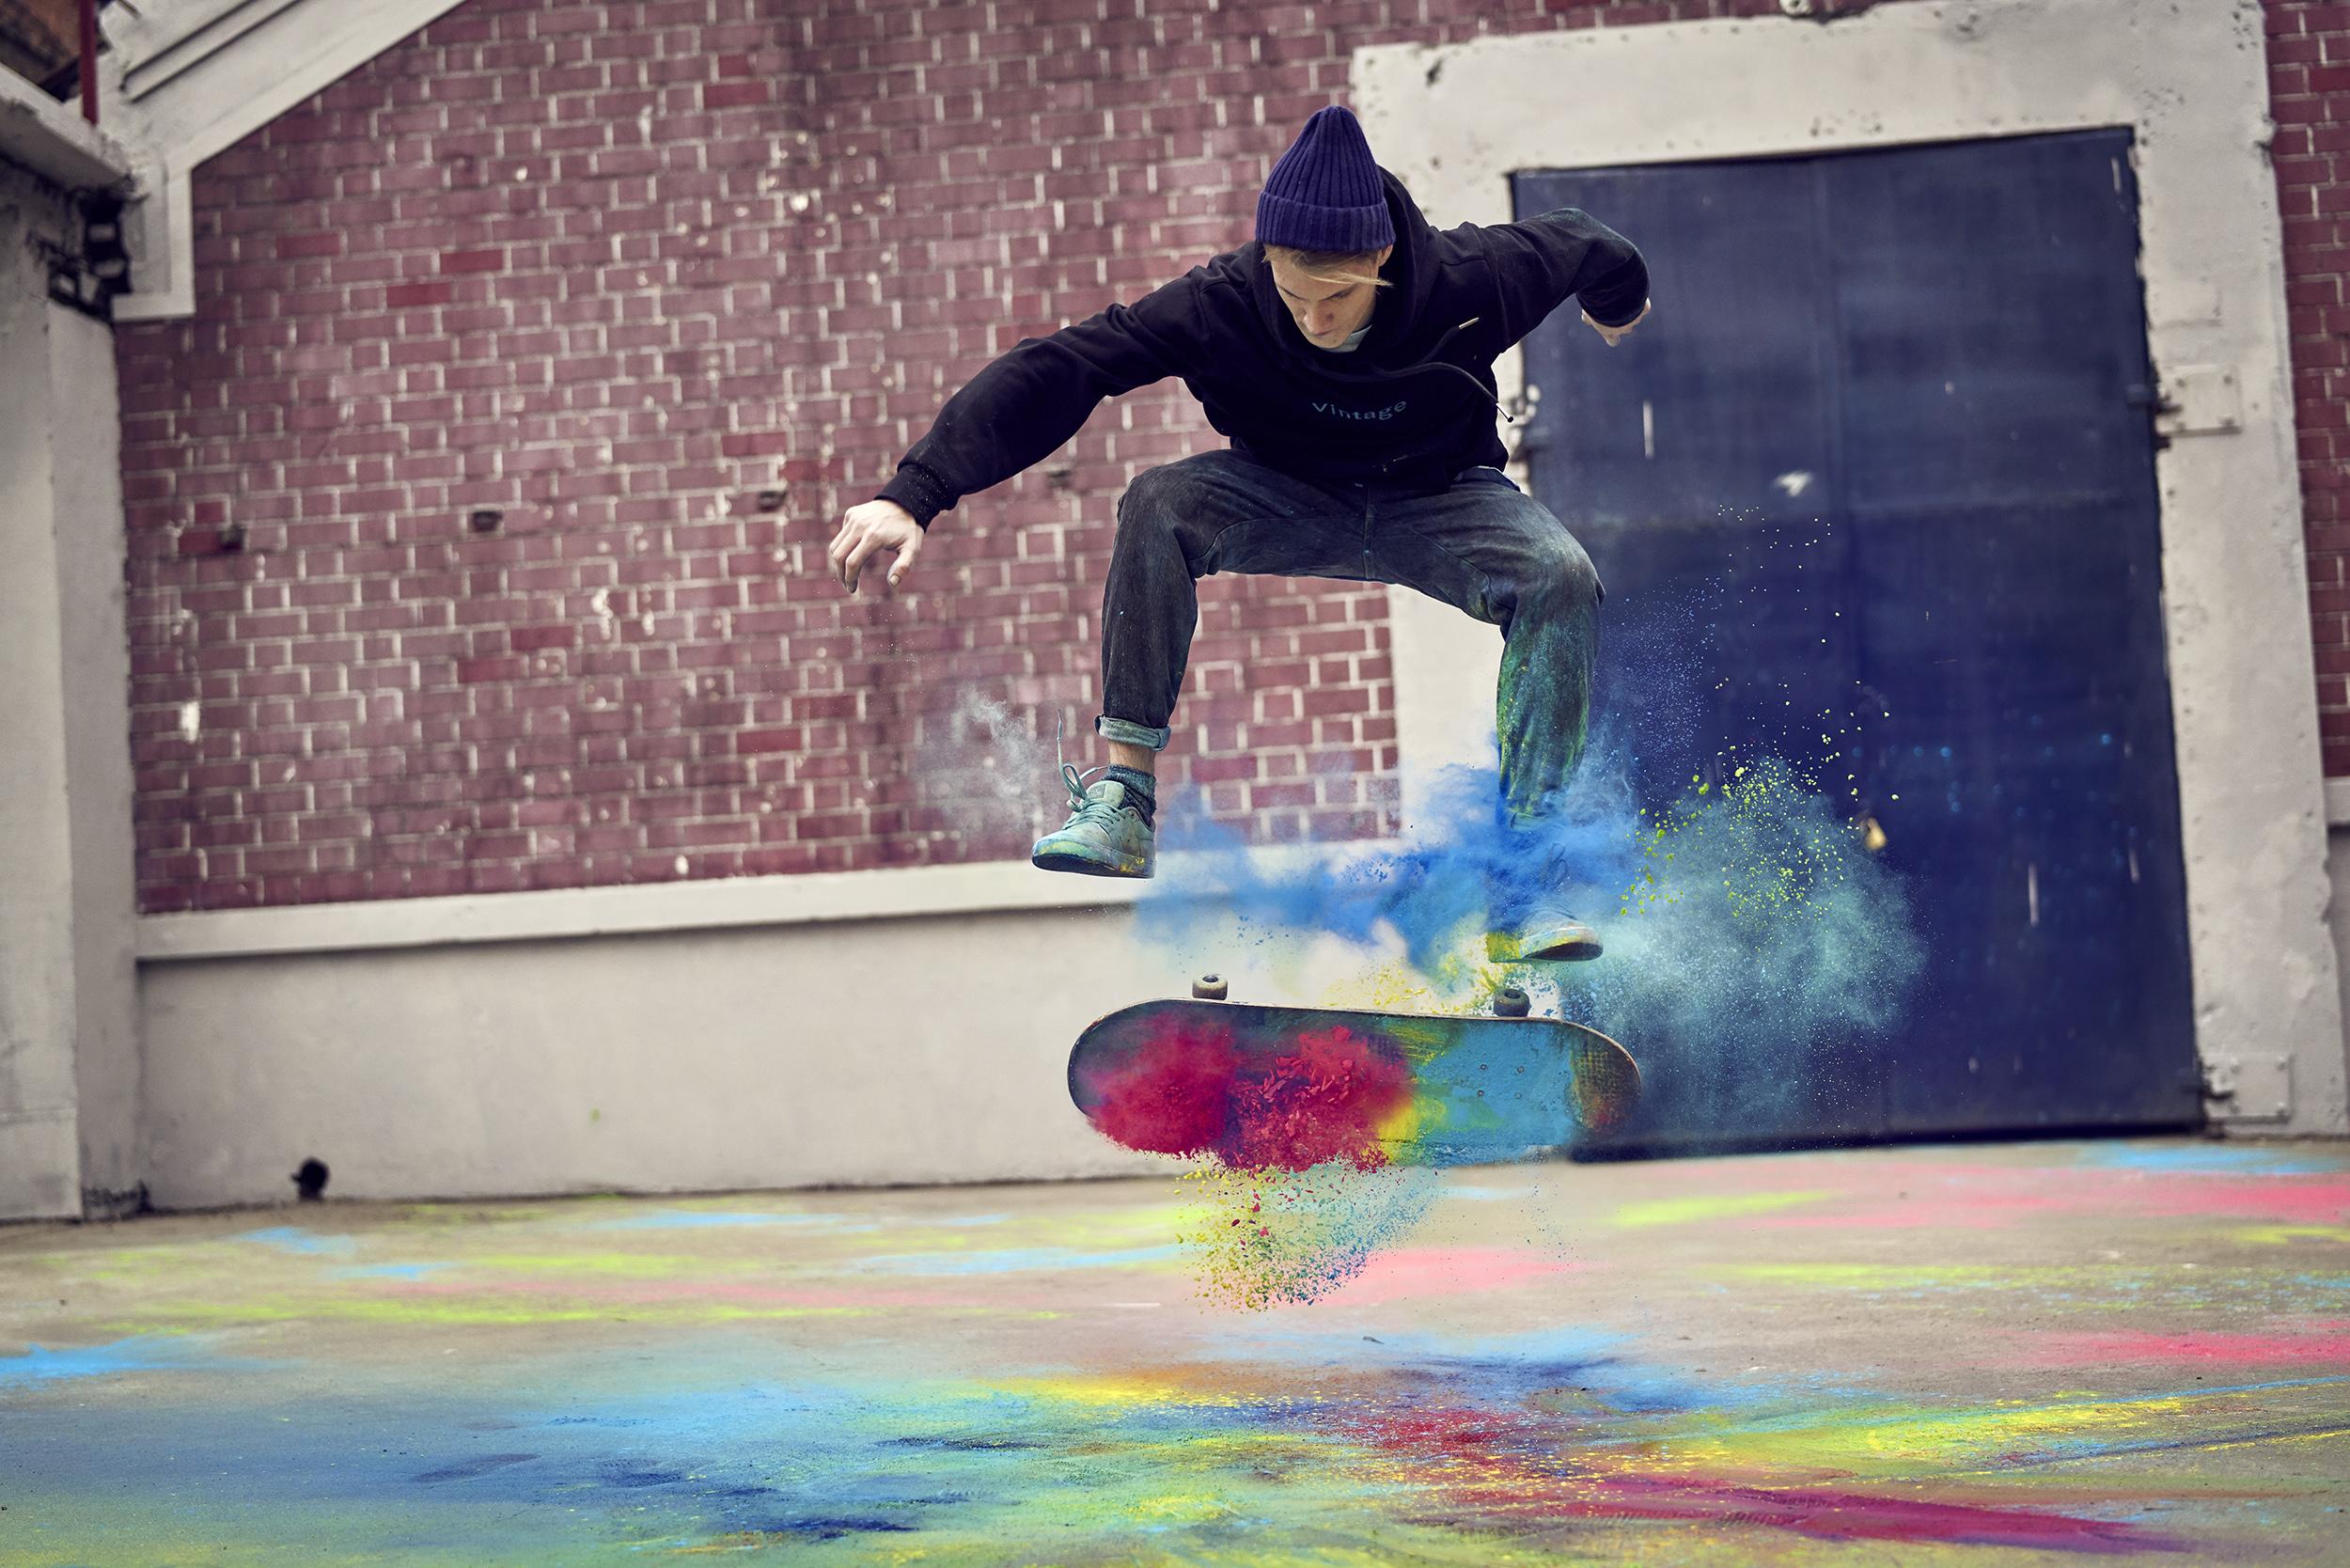 Zippo_Skatebaording_1